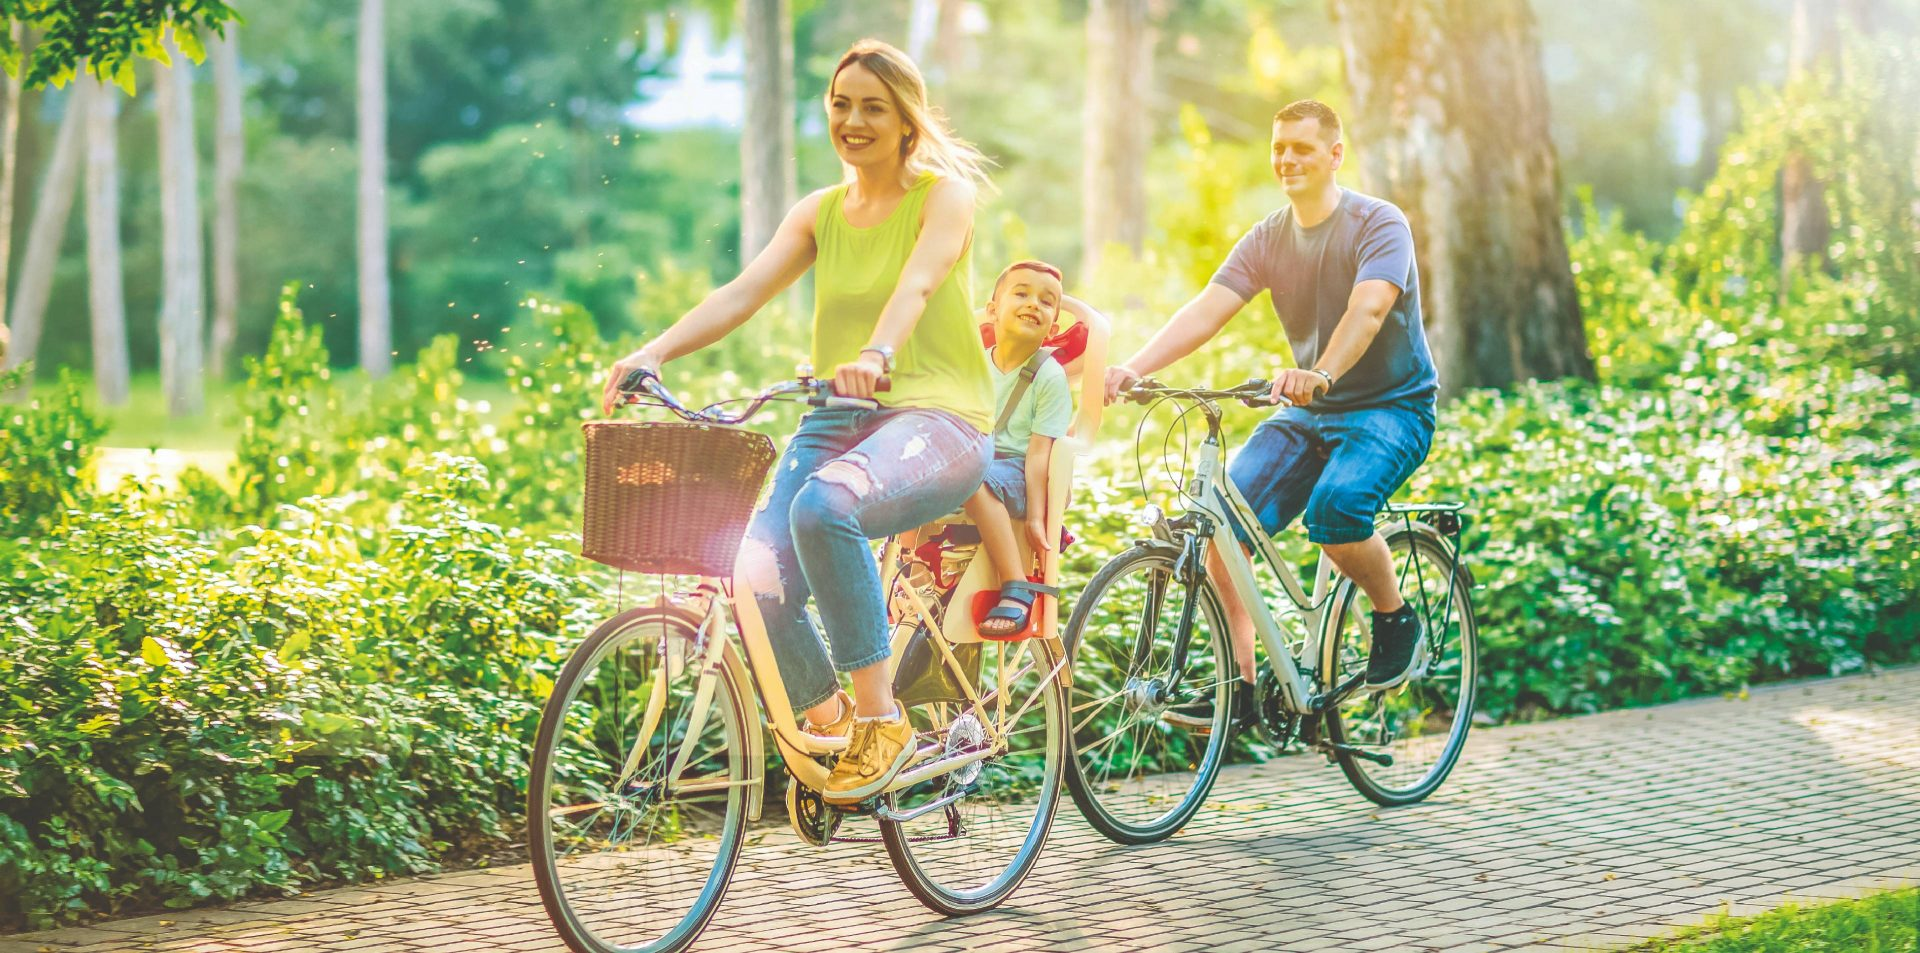 JCI Oost Achterhoek organiseert smakelijke fietstocht op Hemelvaartsdag!